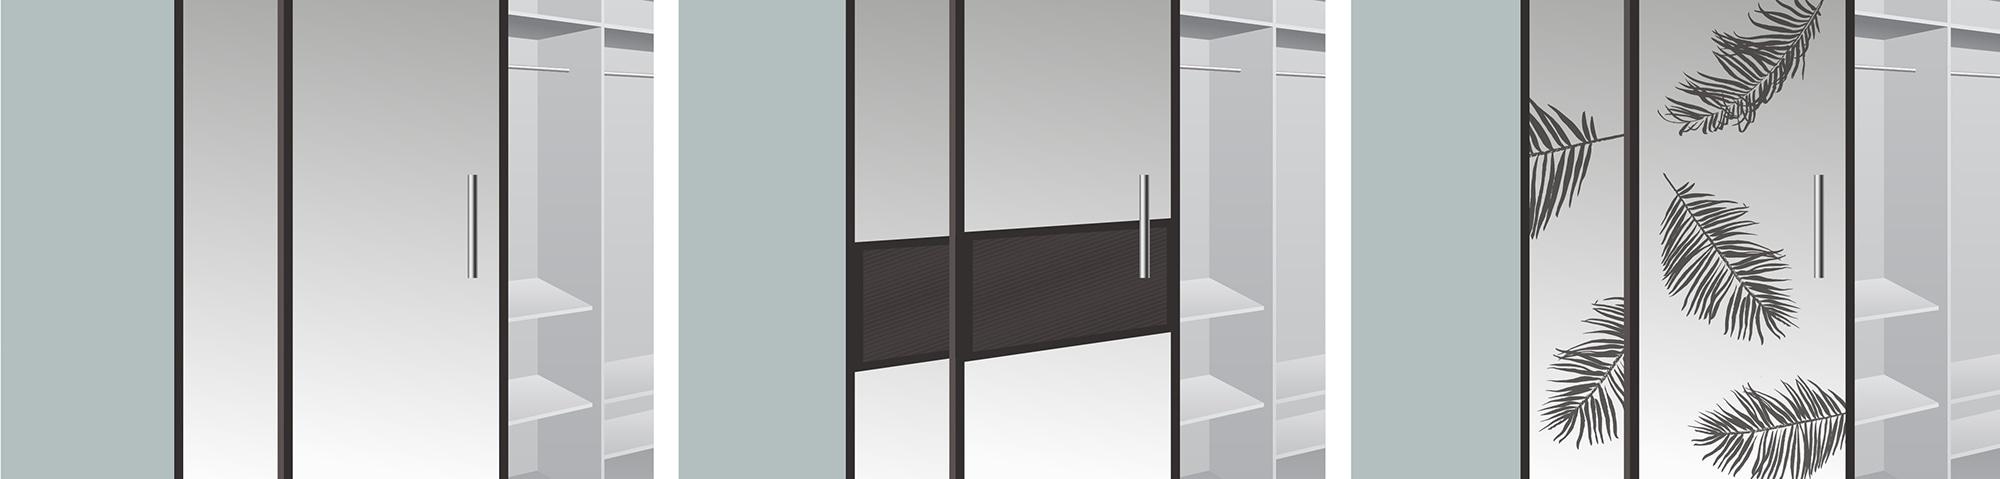 changer vos portes de placard optez pour des portes design. Black Bedroom Furniture Sets. Home Design Ideas